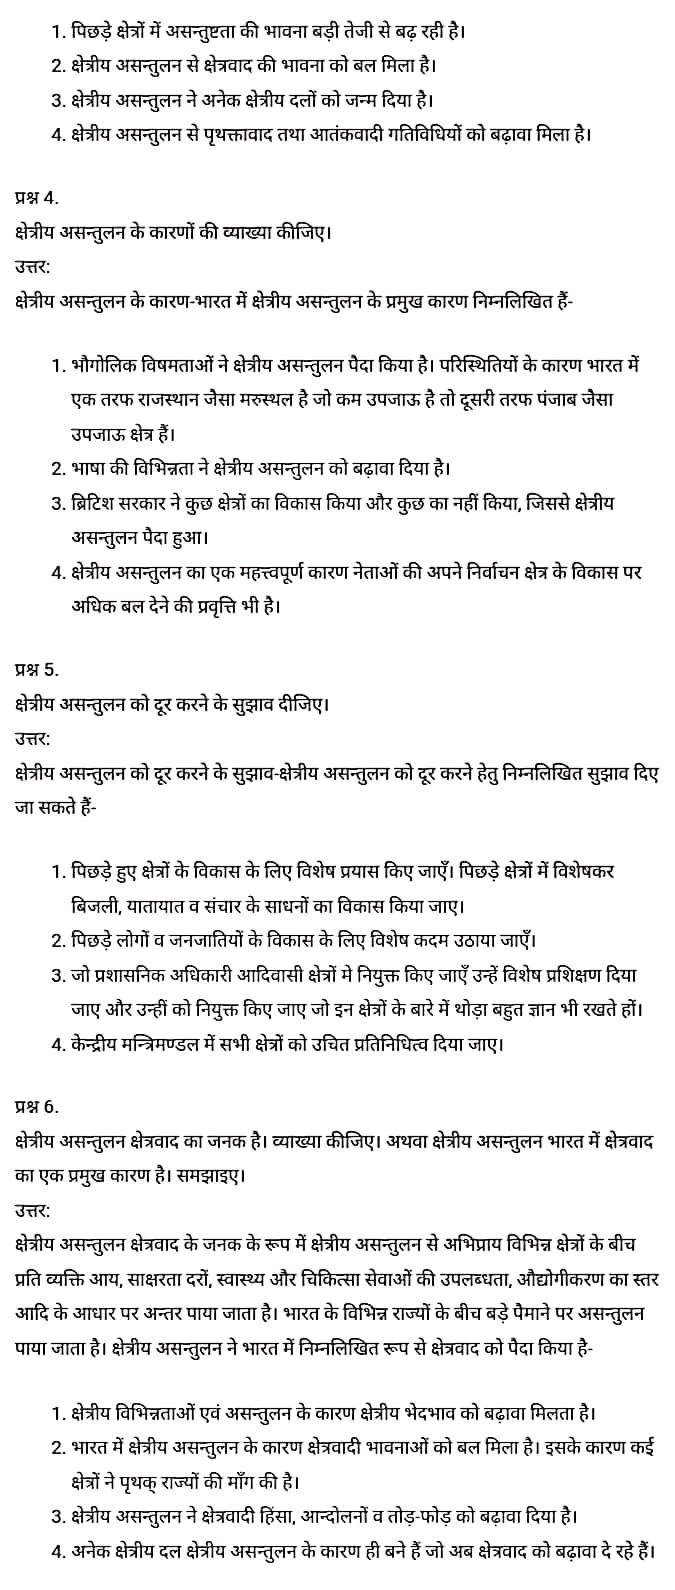 Class 12 Civics Chapter 8,Regional Aspirations, (क्षेत्रीय आकांक्षाएँ),  सिविक्स कक्षा 12 नोट्स pdf,  सिविक्स कक्षा 12 नोट्स 2020 NCERT,  सिविक्स कक्षा 12 PDF,  सिविक्स पुस्तक,  सिविक्स की बुक,  सिविक्स प्रश्नोत्तरी Class 12, 12 वीं सिविक्स पुस्तक RBSE,  बिहार बोर्ड 12 वीं सिविक्स नोट्स,   12th Civics book in hindi,12th Civics notes in hindi,cbse books for class 12,cbse books in hindi,cbse ncert books,class 12 Civics notes in hindi,class 12 hindi ncert solutions,Civics 2020,Civics 2021,Civics 2022,Civics book class 12,Civics book in hindi,Civics class 12 in hindi,Civics notes for class 12 up board in hindi,ncert all books,ncert app in hindi,ncert book solution,ncert books class 10,ncert books class 12,ncert books for class 7,ncert books for upsc in hindi,ncert books in hindi class 10,ncert books in hindi for class 12 Civics,ncert books in hindi for class 6,ncert books in hindi pdf,ncert class 12 hindi book,ncert english book,ncert Civics book in hindi,ncert Civics books in hindi pdf,ncert Civics class 12,ncert in hindi,old ncert books in hindi,online ncert books in hindi,up board 12th,up board 12th syllabus,up board class 10 hindi book,up board class 12 books,up board class 12 new syllabus,up Board Civics 2020,up Board Civics 2021,up Board Civics 2022,up Board Civics 2023,up board intermediate Civics syllabus,up board intermediate syllabus 2021,Up board Master 2021,up board model paper 2021,up board model paper all subject,up board new syllabus of class 12th Civics,up board paper 2021,Up board syllabus 2021,UP board syllabus 2022,  12 veen kee siviks kee kitaab hindee mein, 12 veen kee siviks kee nots hindee mein, 12 veen kaksha kee seebeeesasee kee kitaaben, hindee kee seebeeesasee kee kitaaben, seebeeesasee kee enaseeaaratee kee kitaaben, 12 kee kaksha kee siviks kee nots hindee mein, 12 veen kee kaksha kee hindee kee nats kee solvaints, 2020 kee siviks kee 2020, siviks kee 2022, sivik kee seeviks buk klaas 12, siviks buk in hindee, sivik klaas 12 hindee mein, siv